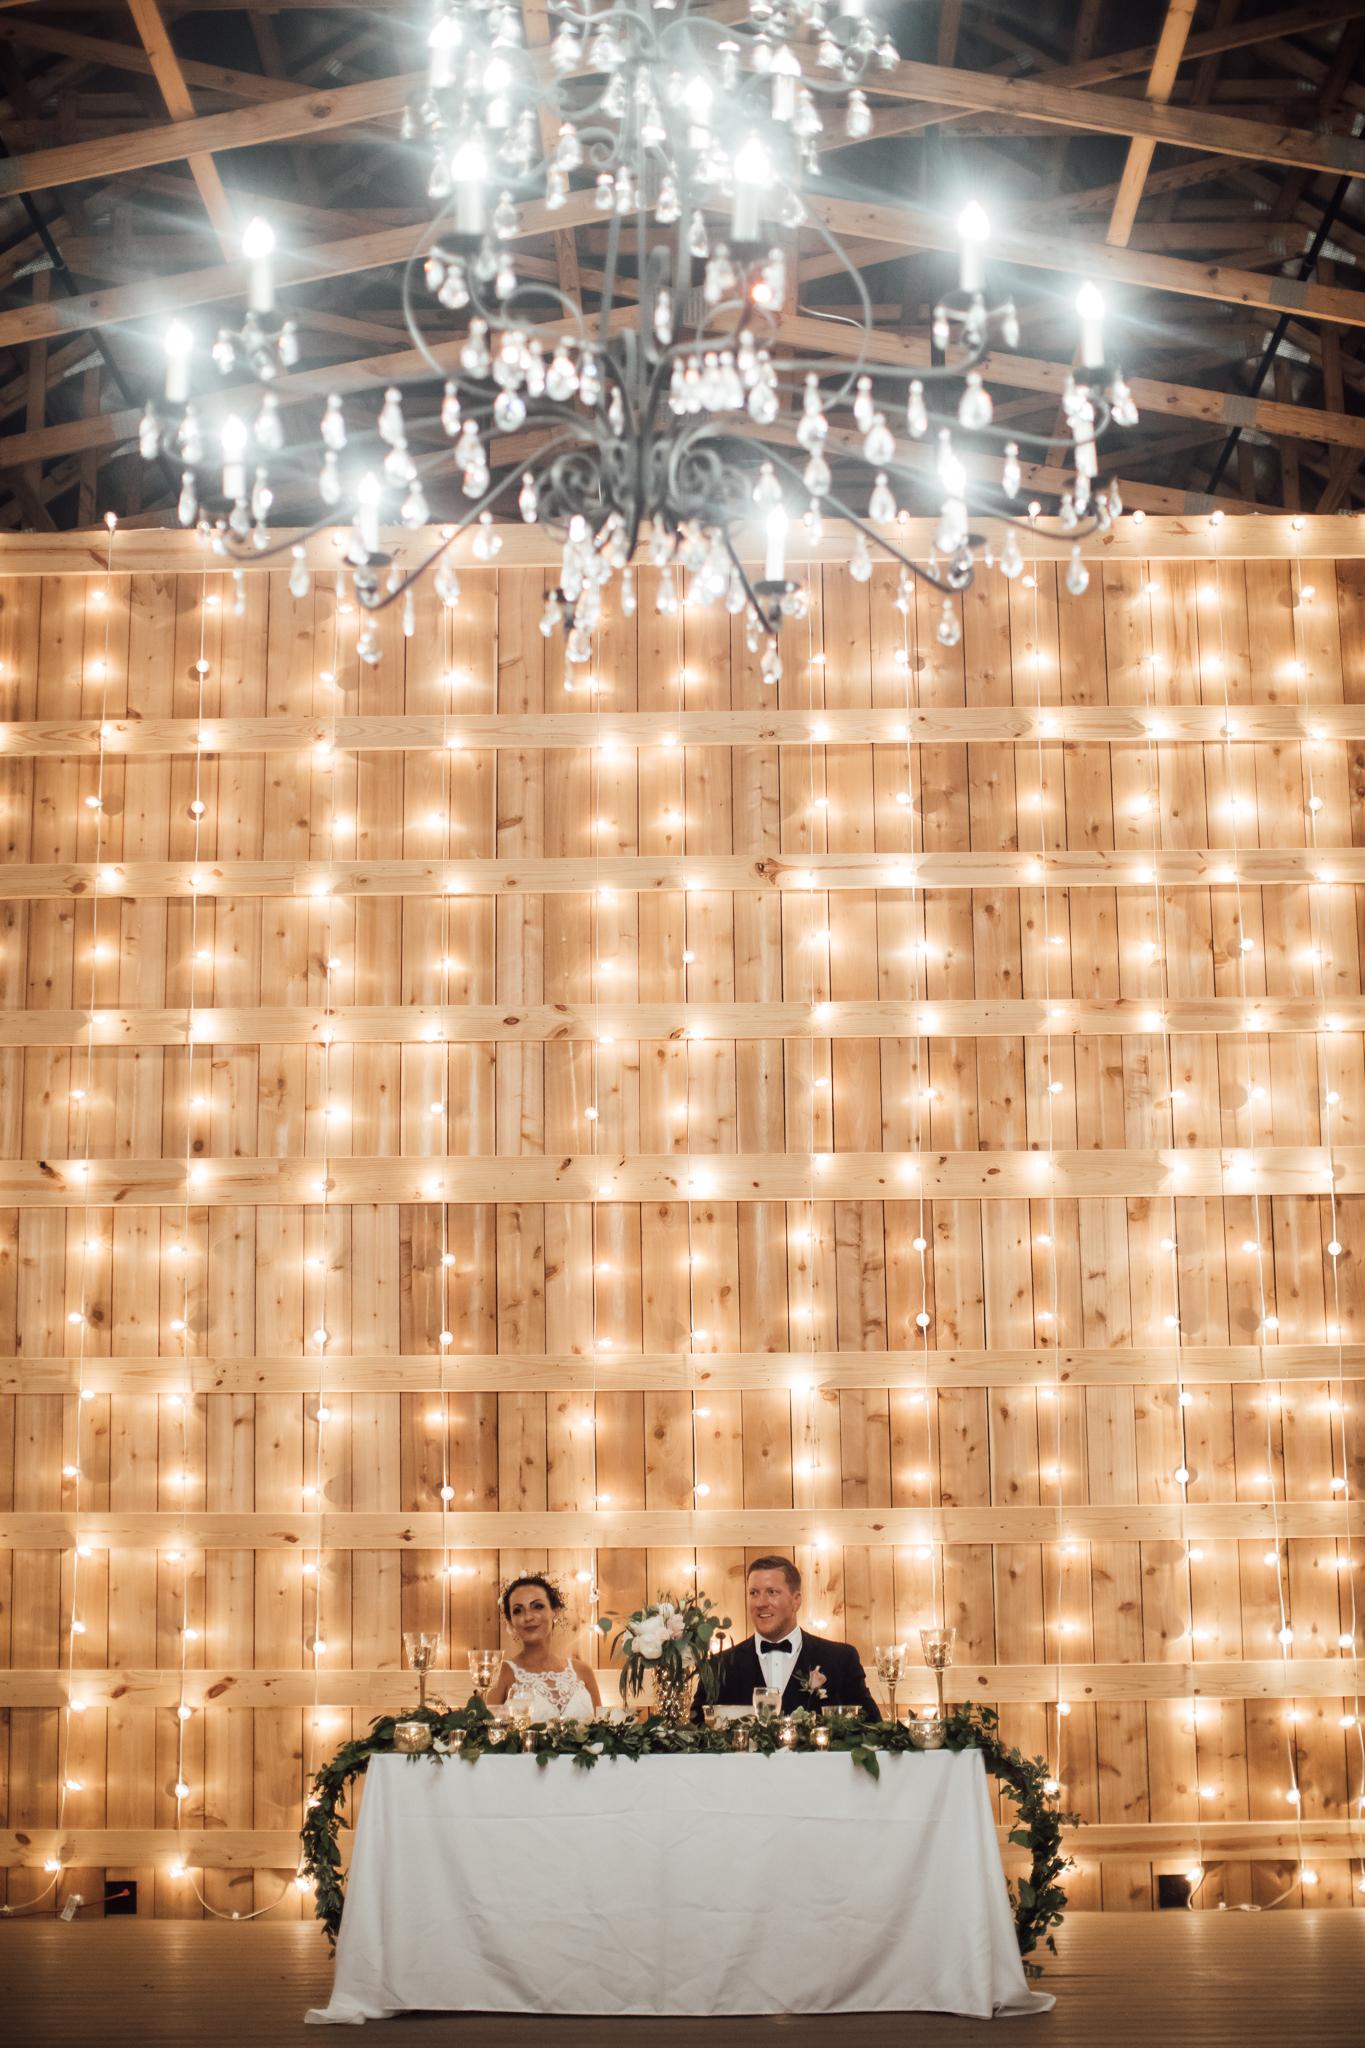 saddlewoodsfarms-nashville-wedding-photographer-thewarmtharoundyou-rustic-wedding (62 of 251).jpg